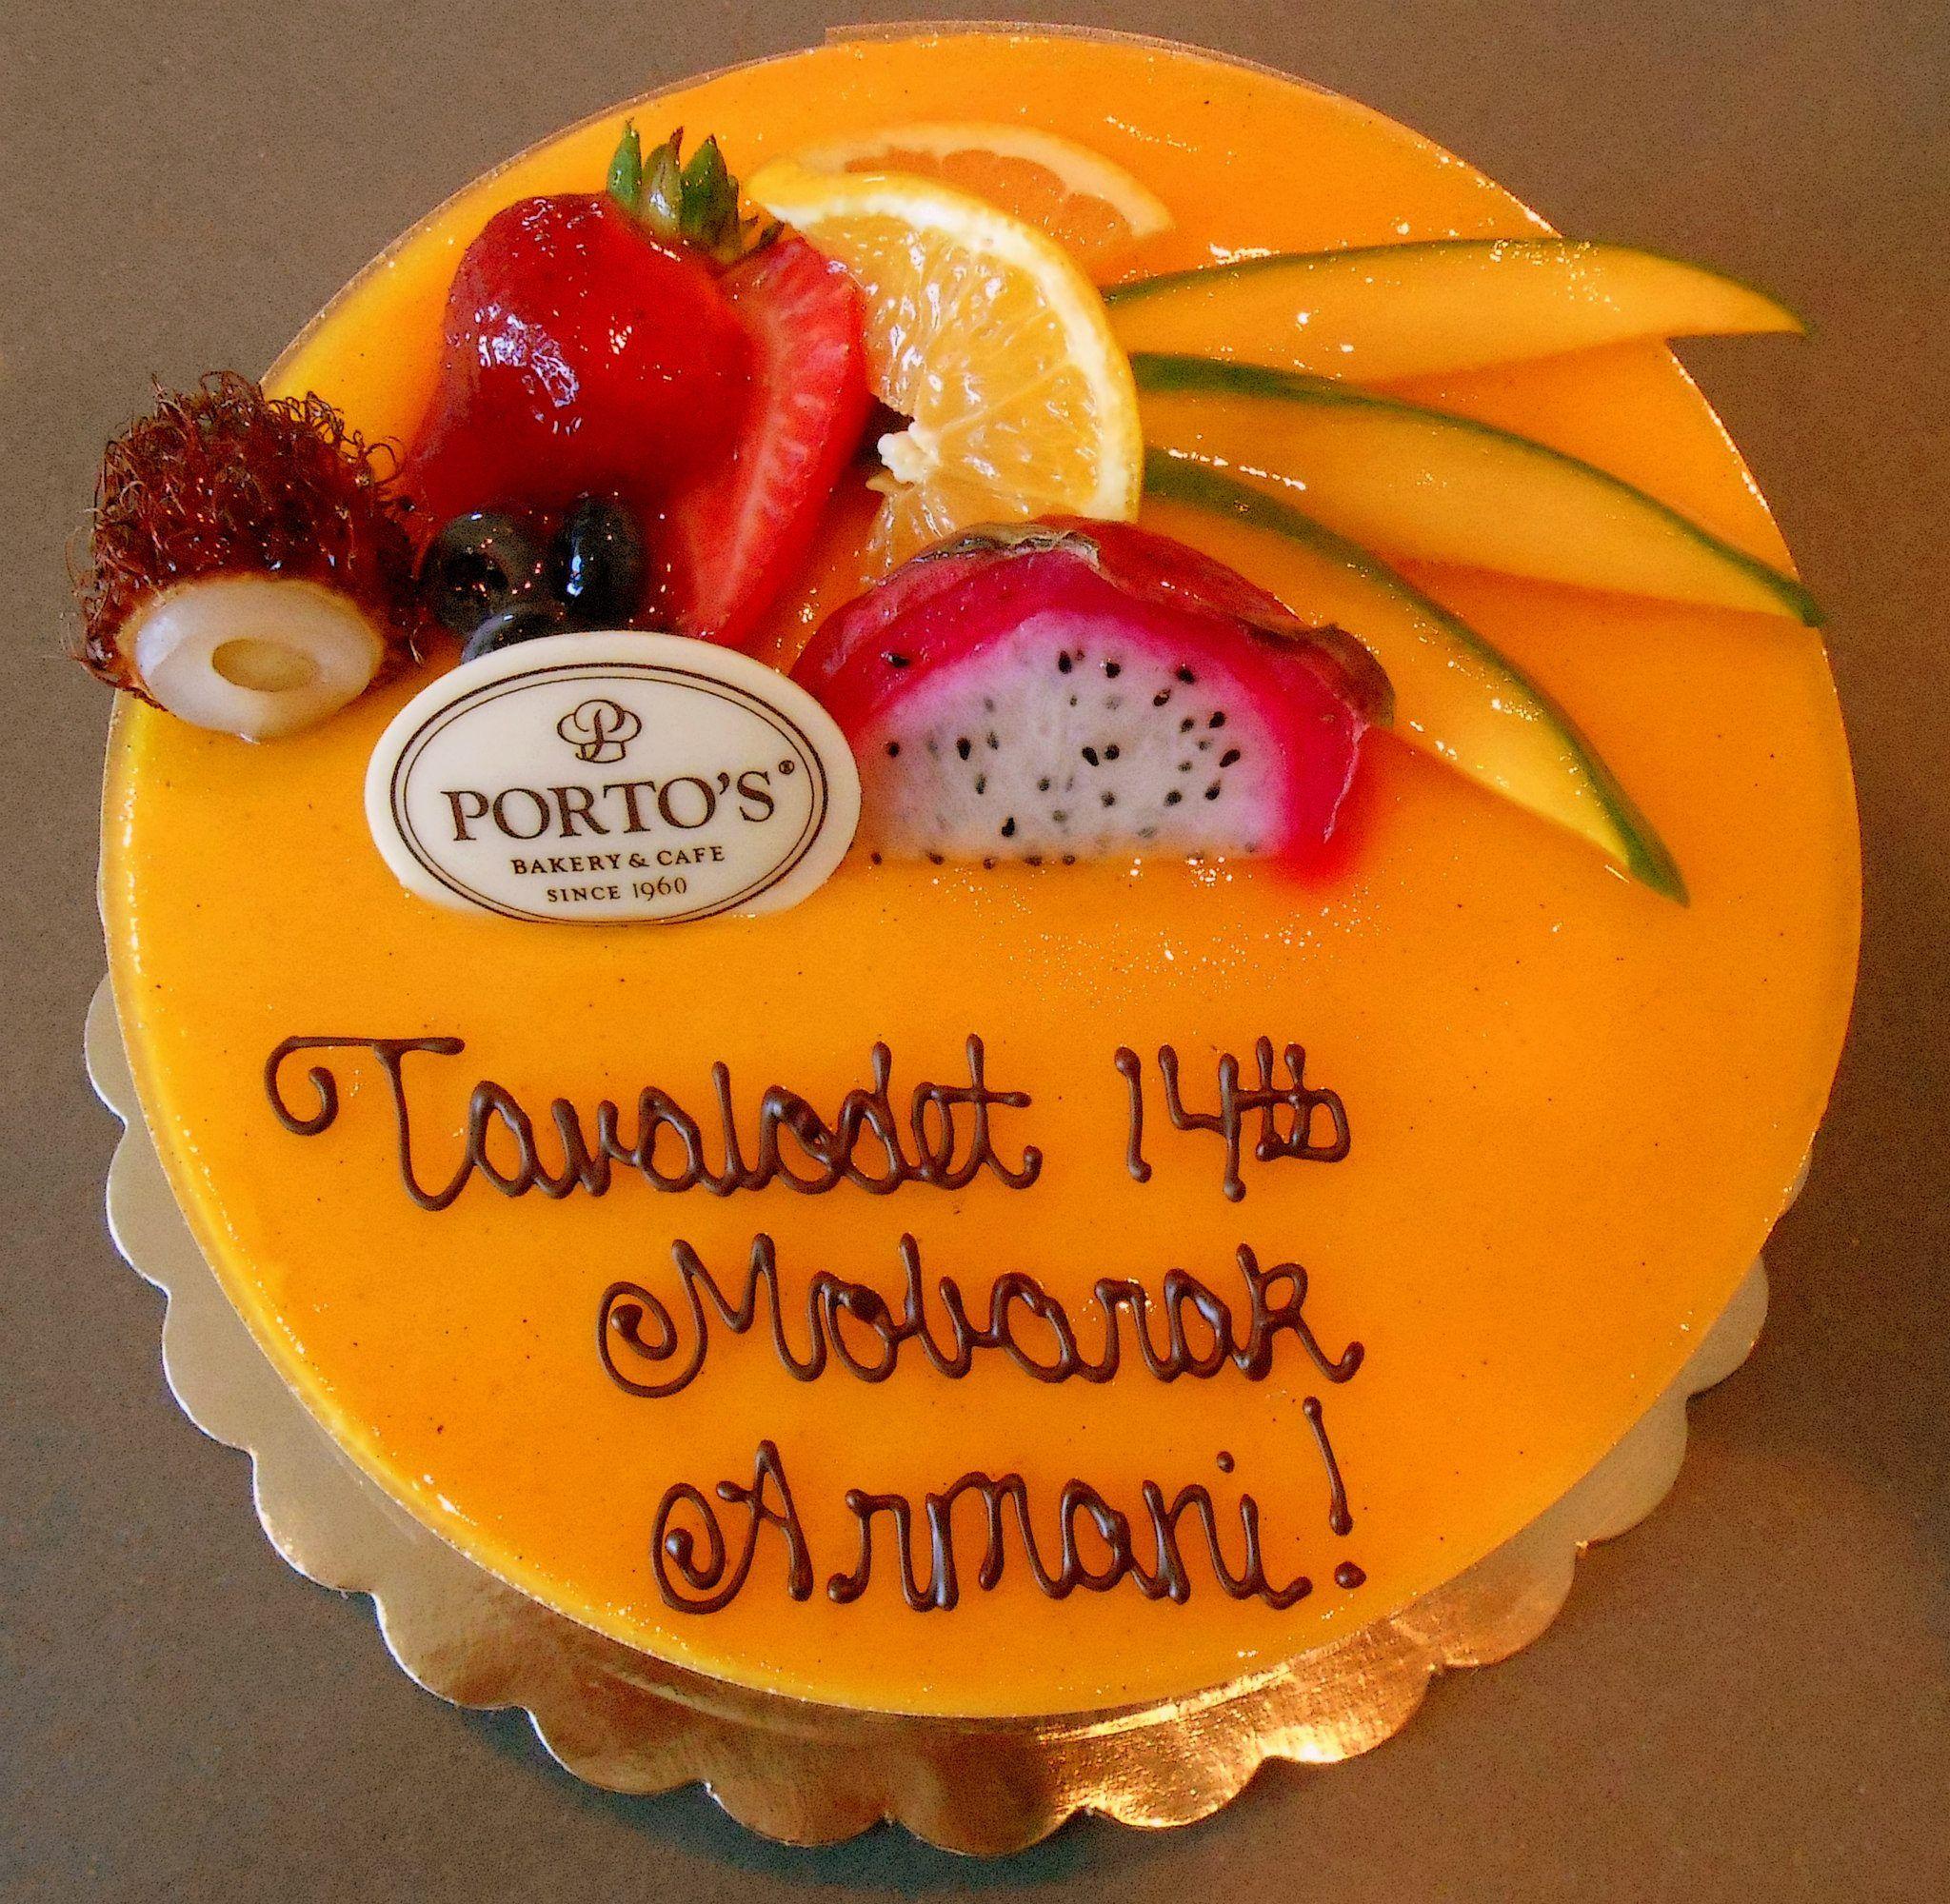 porto's bakery cake images